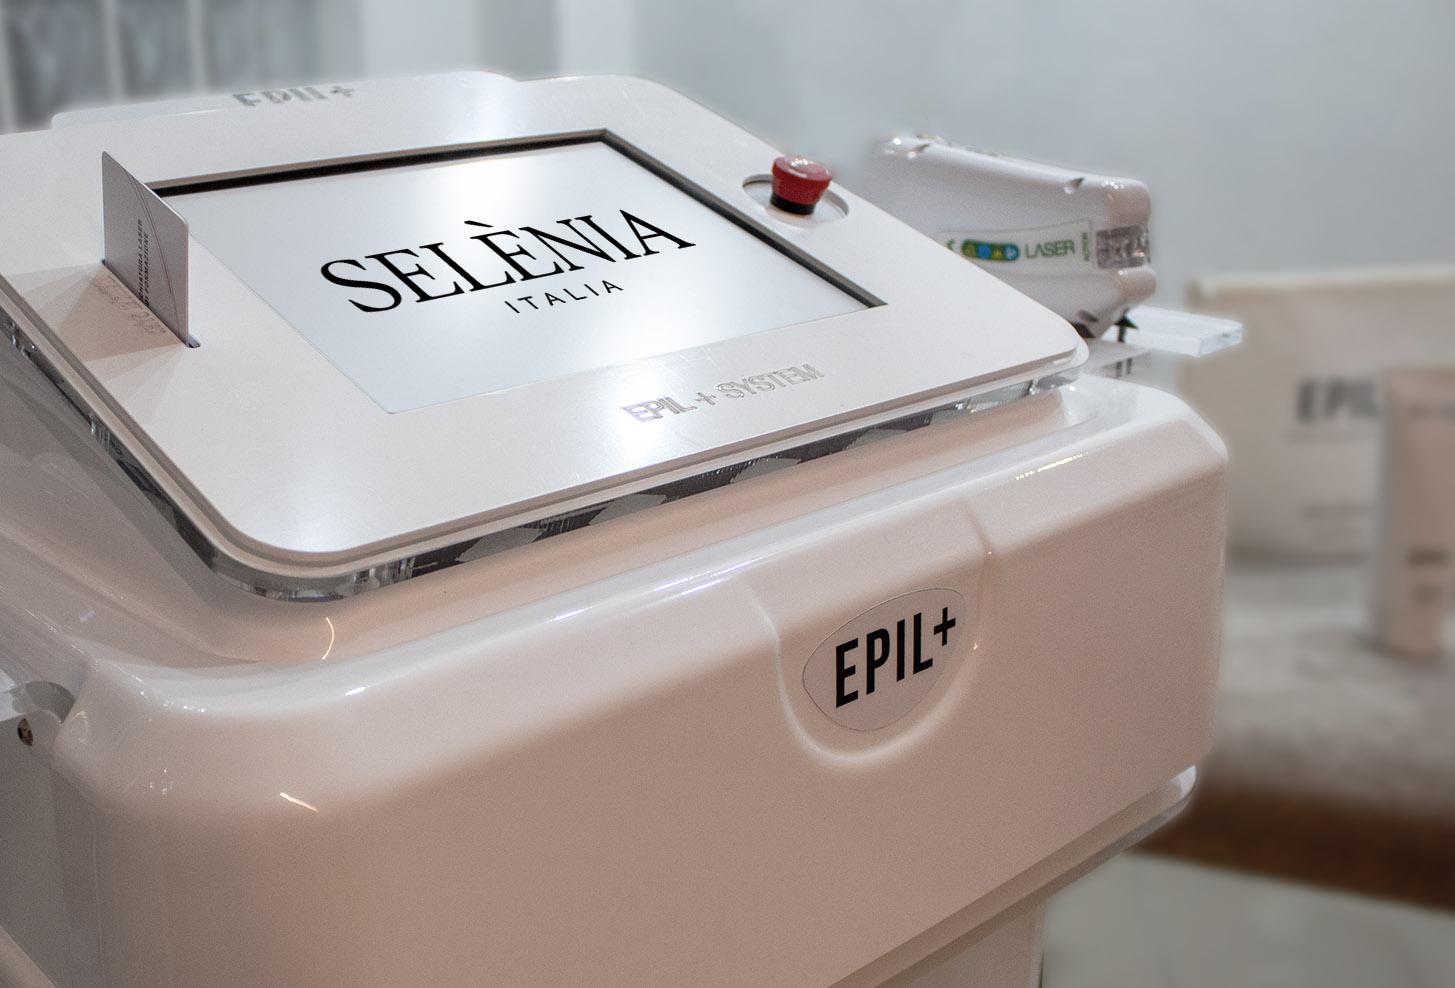 Apparecchiature e macchinari per centri estetici. Attrezzatura professionale per la riduzione degli inestetismi.